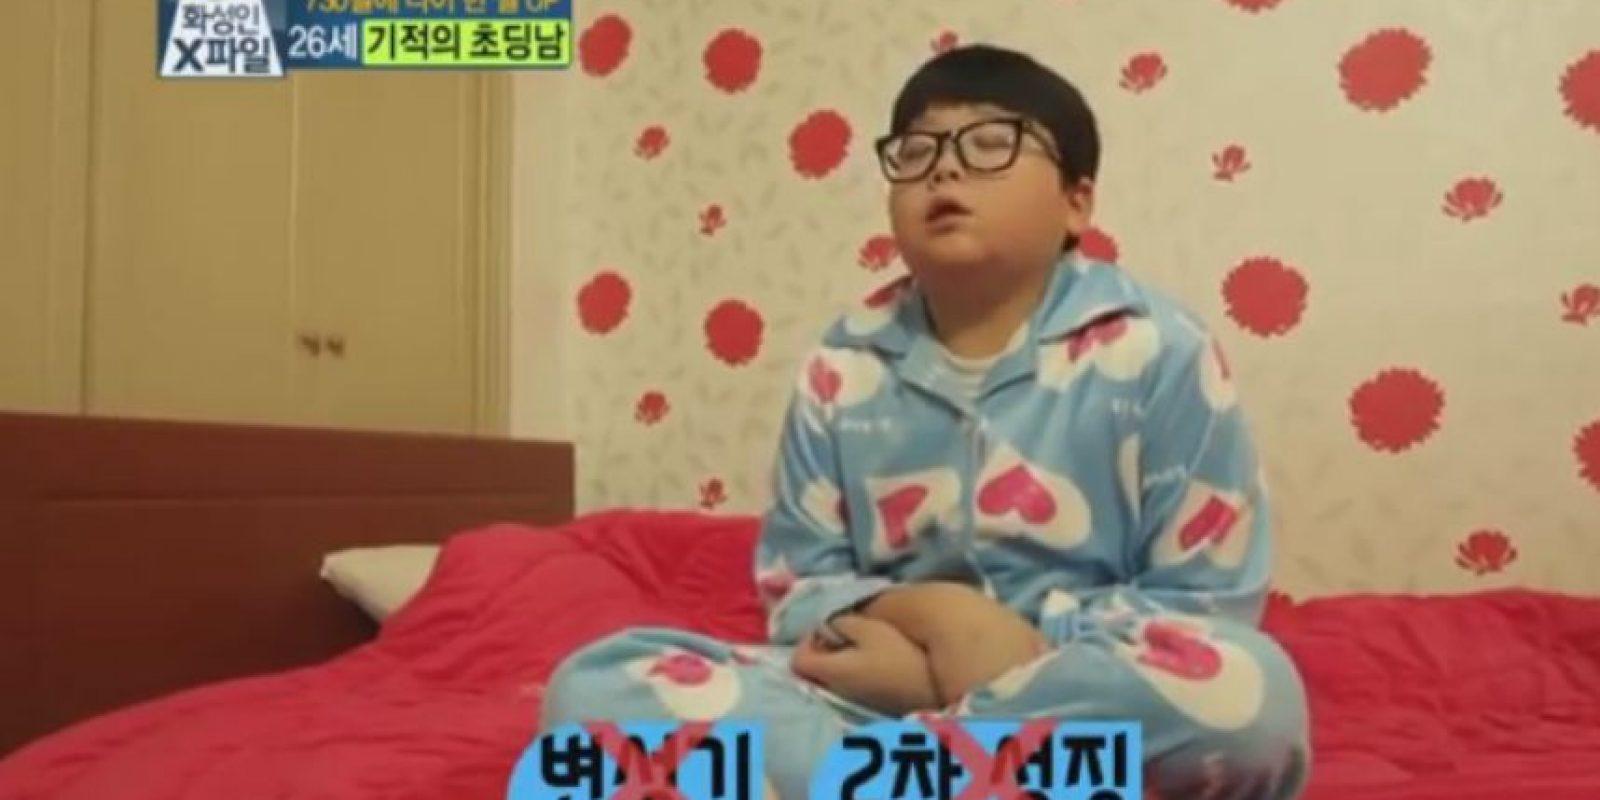 Pero si físico es de un niño de aproximadamente 10 años. Foto:Vía Youtube TVN e-News